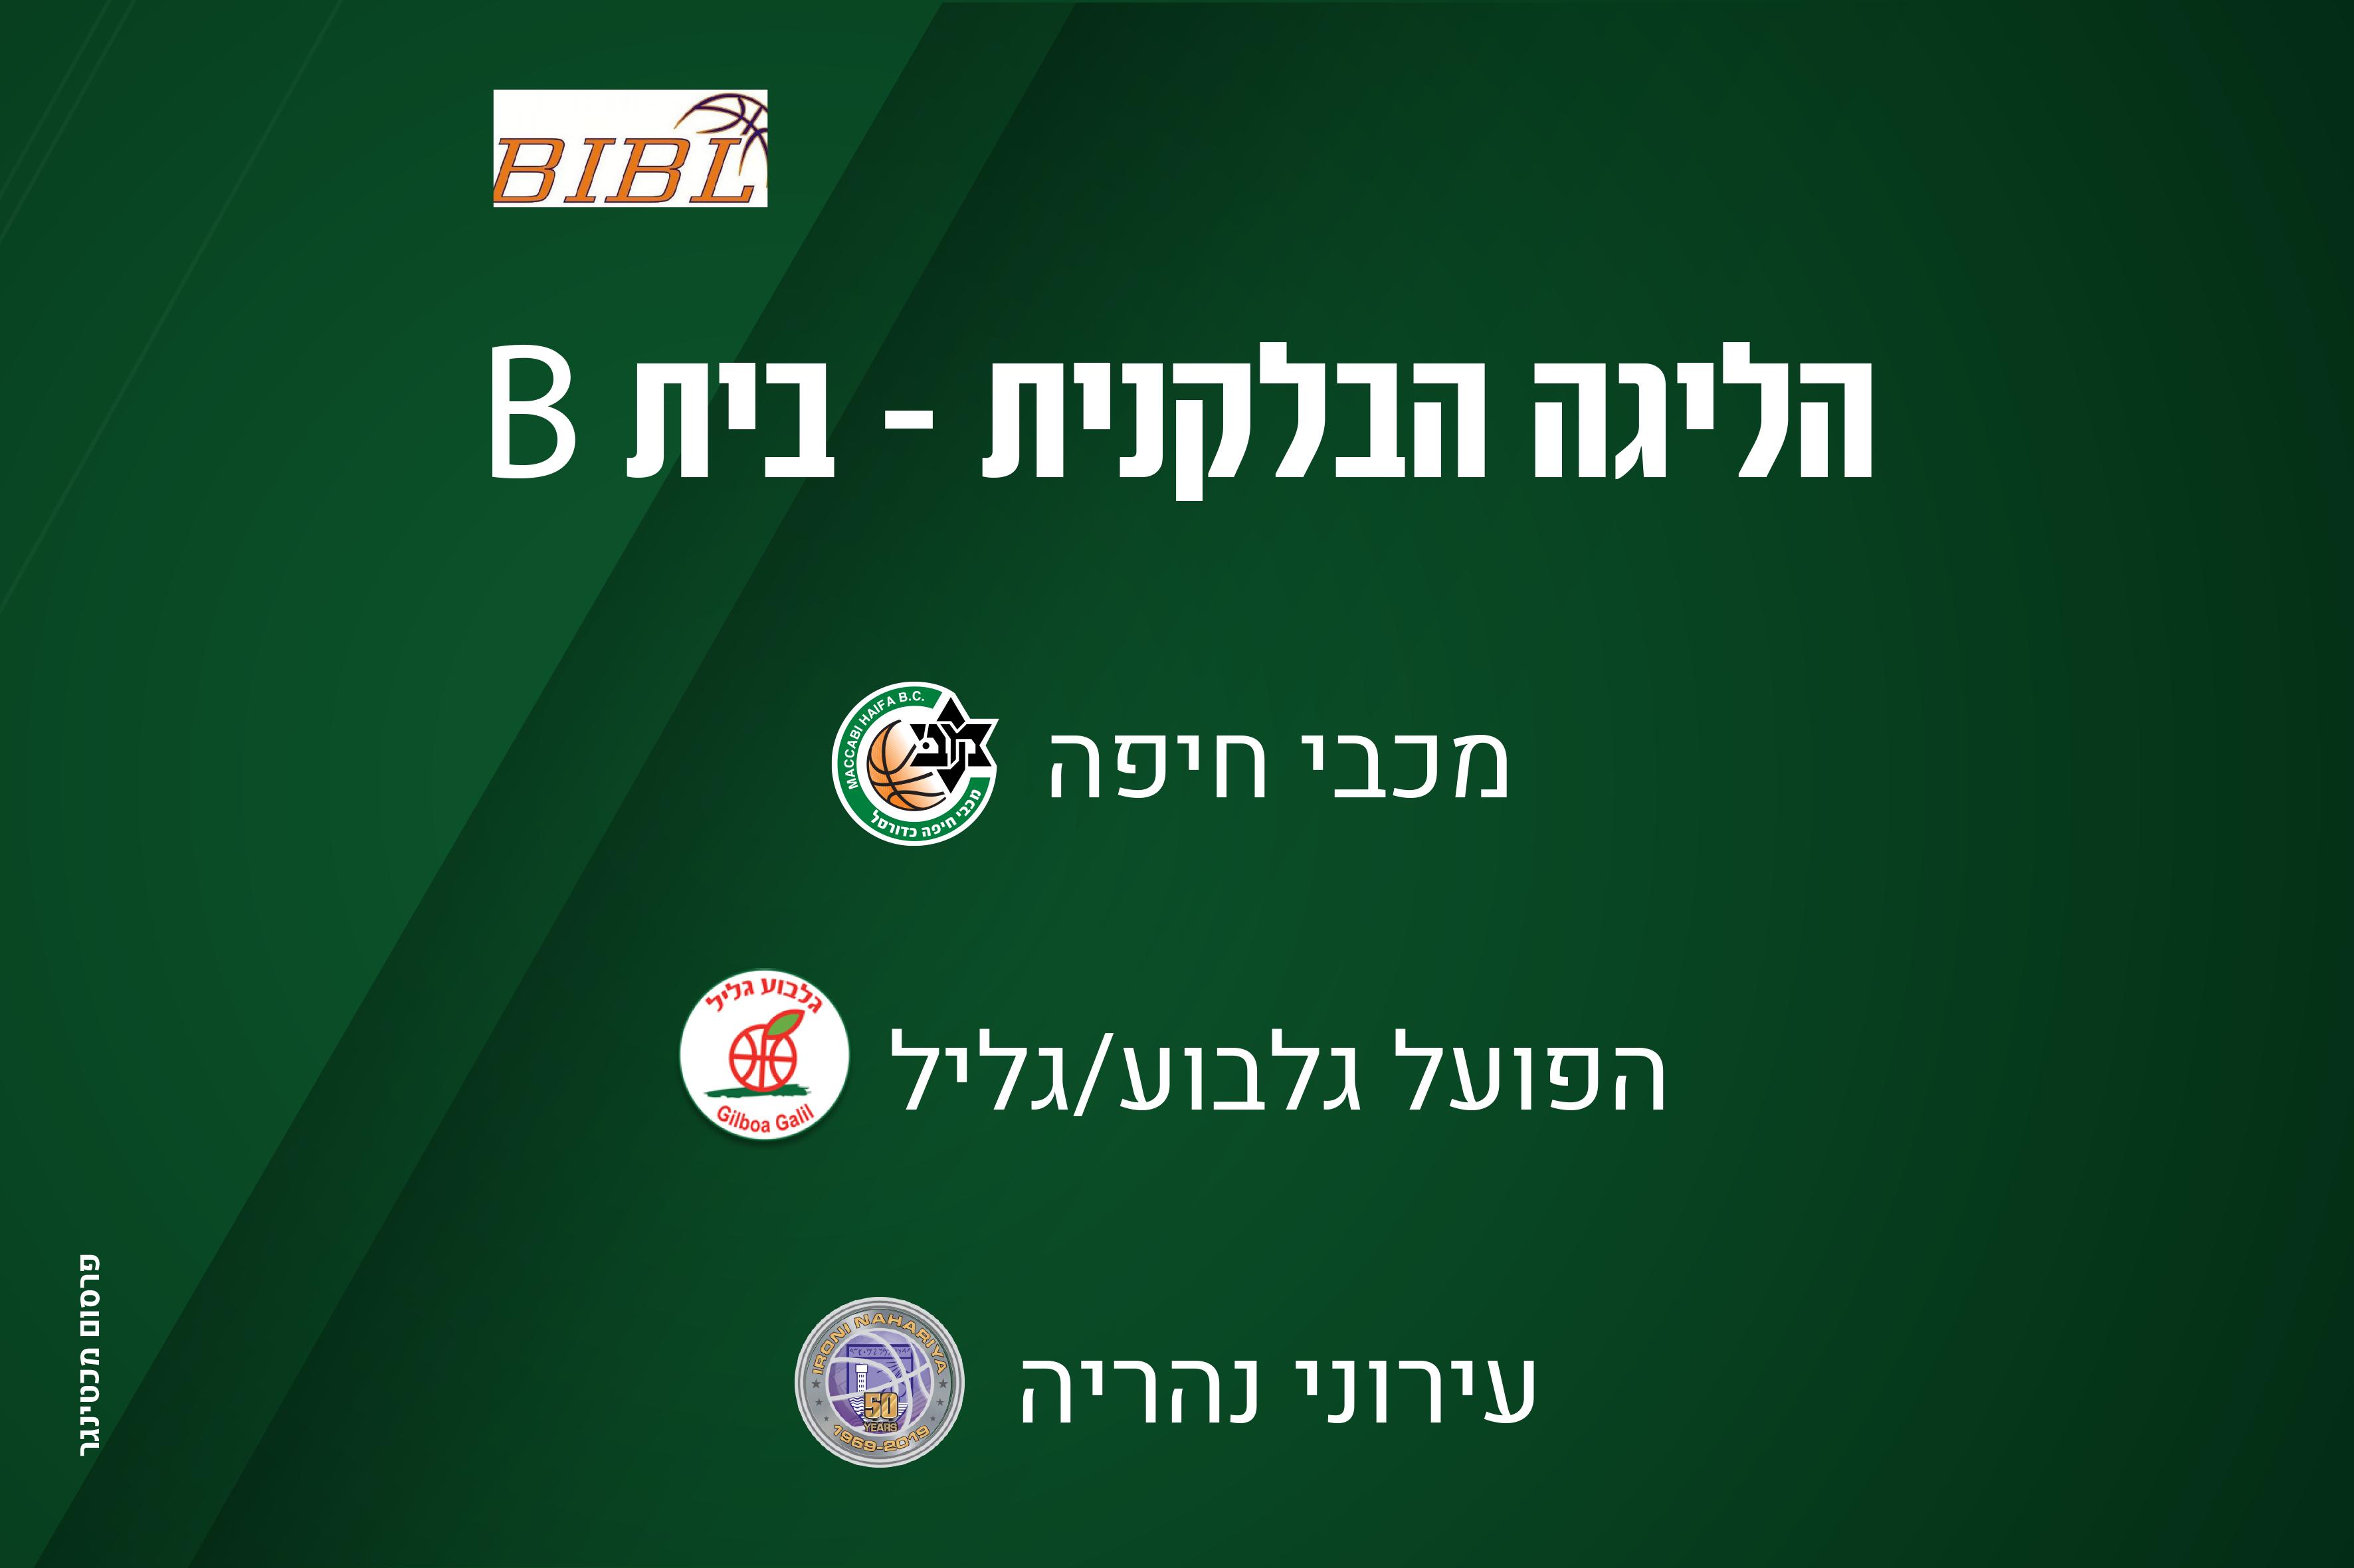 מכבי חיפה תשחק בבית B במסגרת הליגה הבלקנית